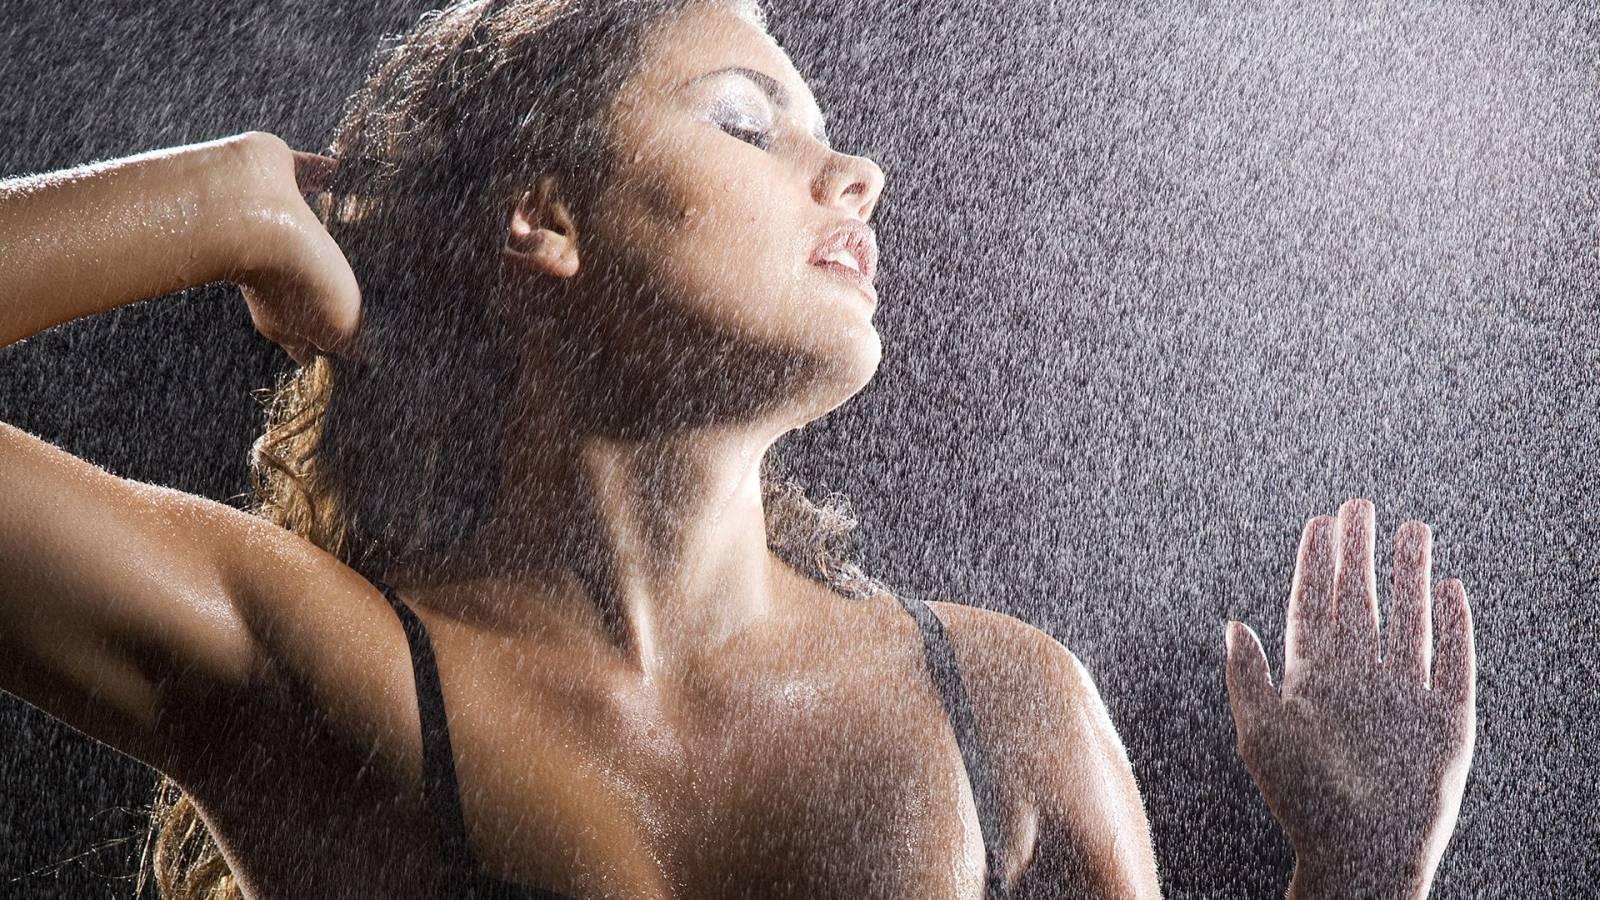 Промокшие насквозь девчонки 19 фотография